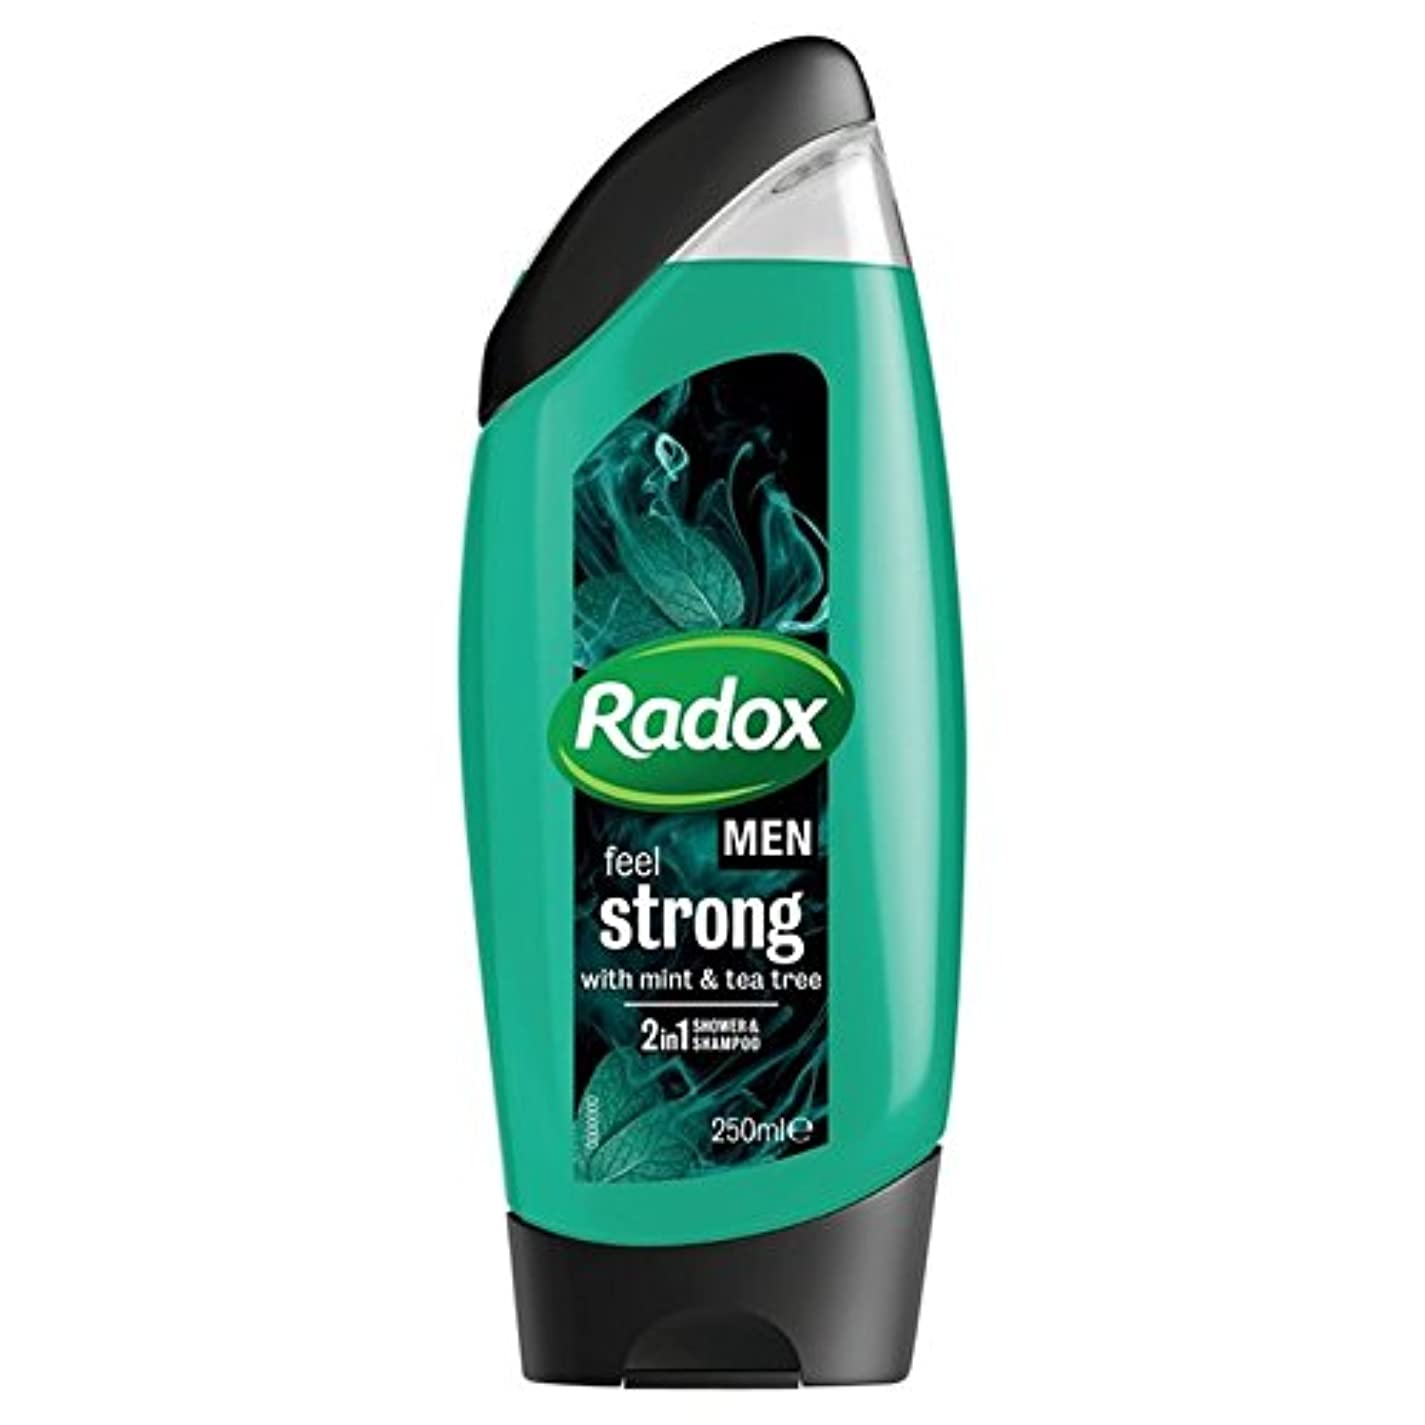 狐コークス好戦的なRadox Men Feel Strong Mint & Tea Tree 2in1 Shower Gel 250ml - 男性は、強力なミント&ティーツリーの21のシャワージェル250ミリリットルを感じます [並行輸入品]